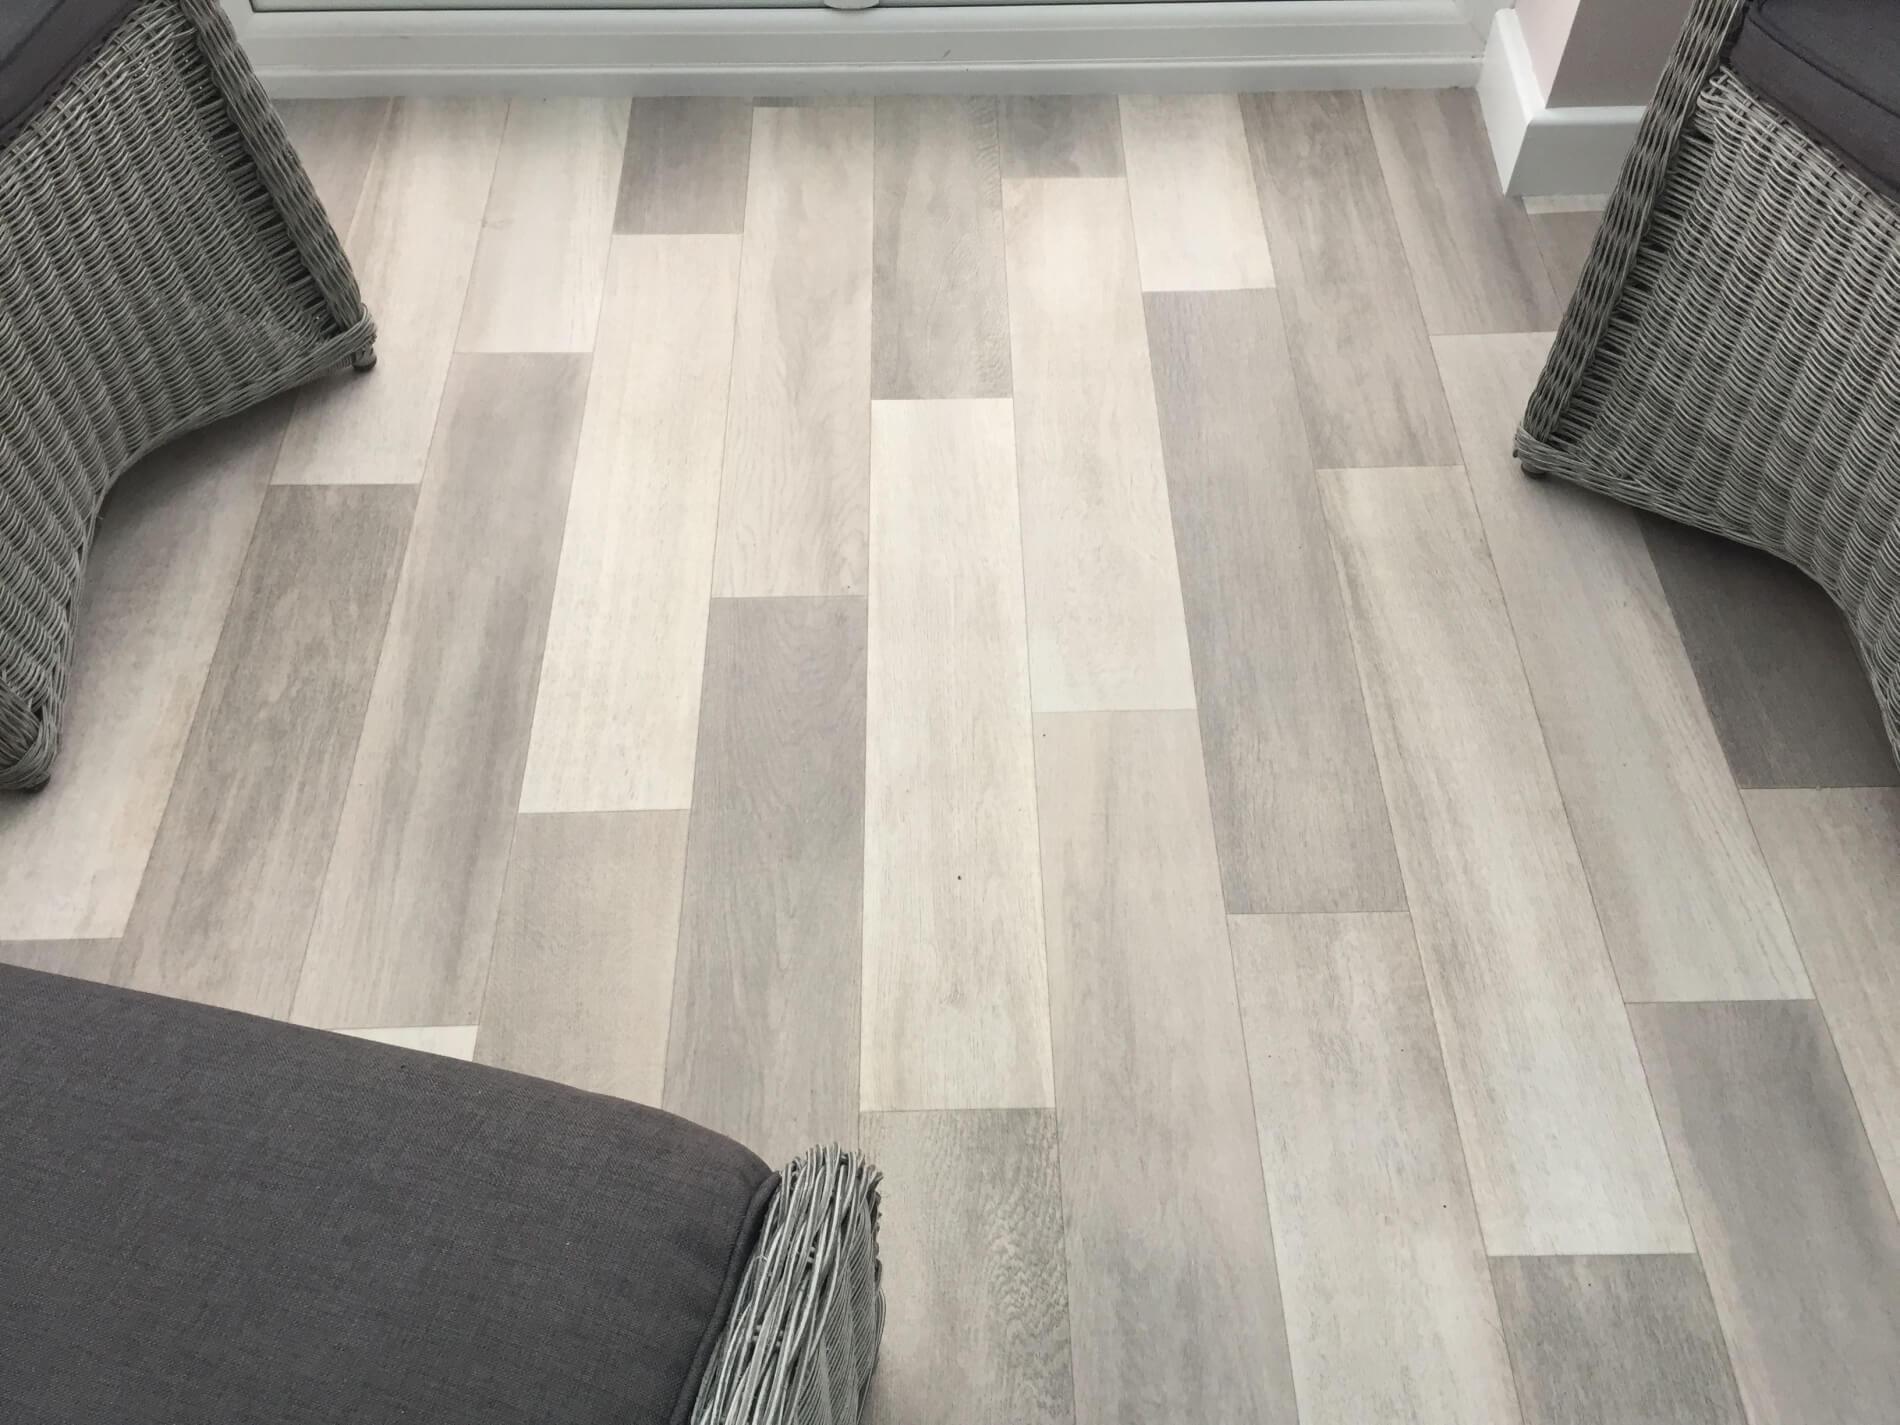 Conservatory Flooring Ideas - Vinyl Flooring